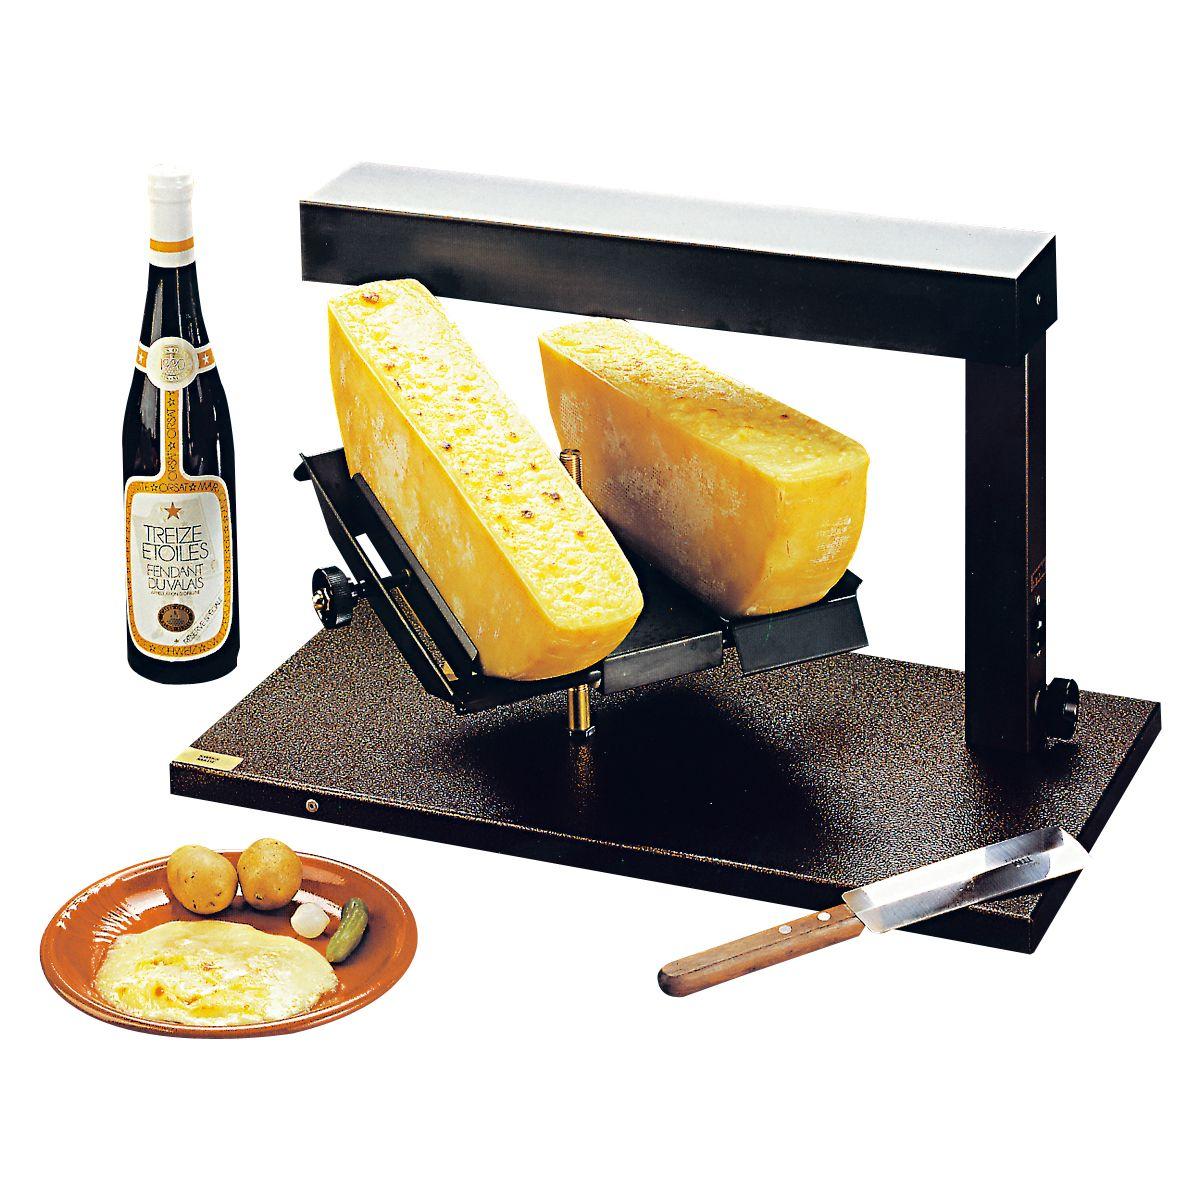 Raclette bron coucke raclette 2 x 1/2 meule ttm020 - soldes et bons plans